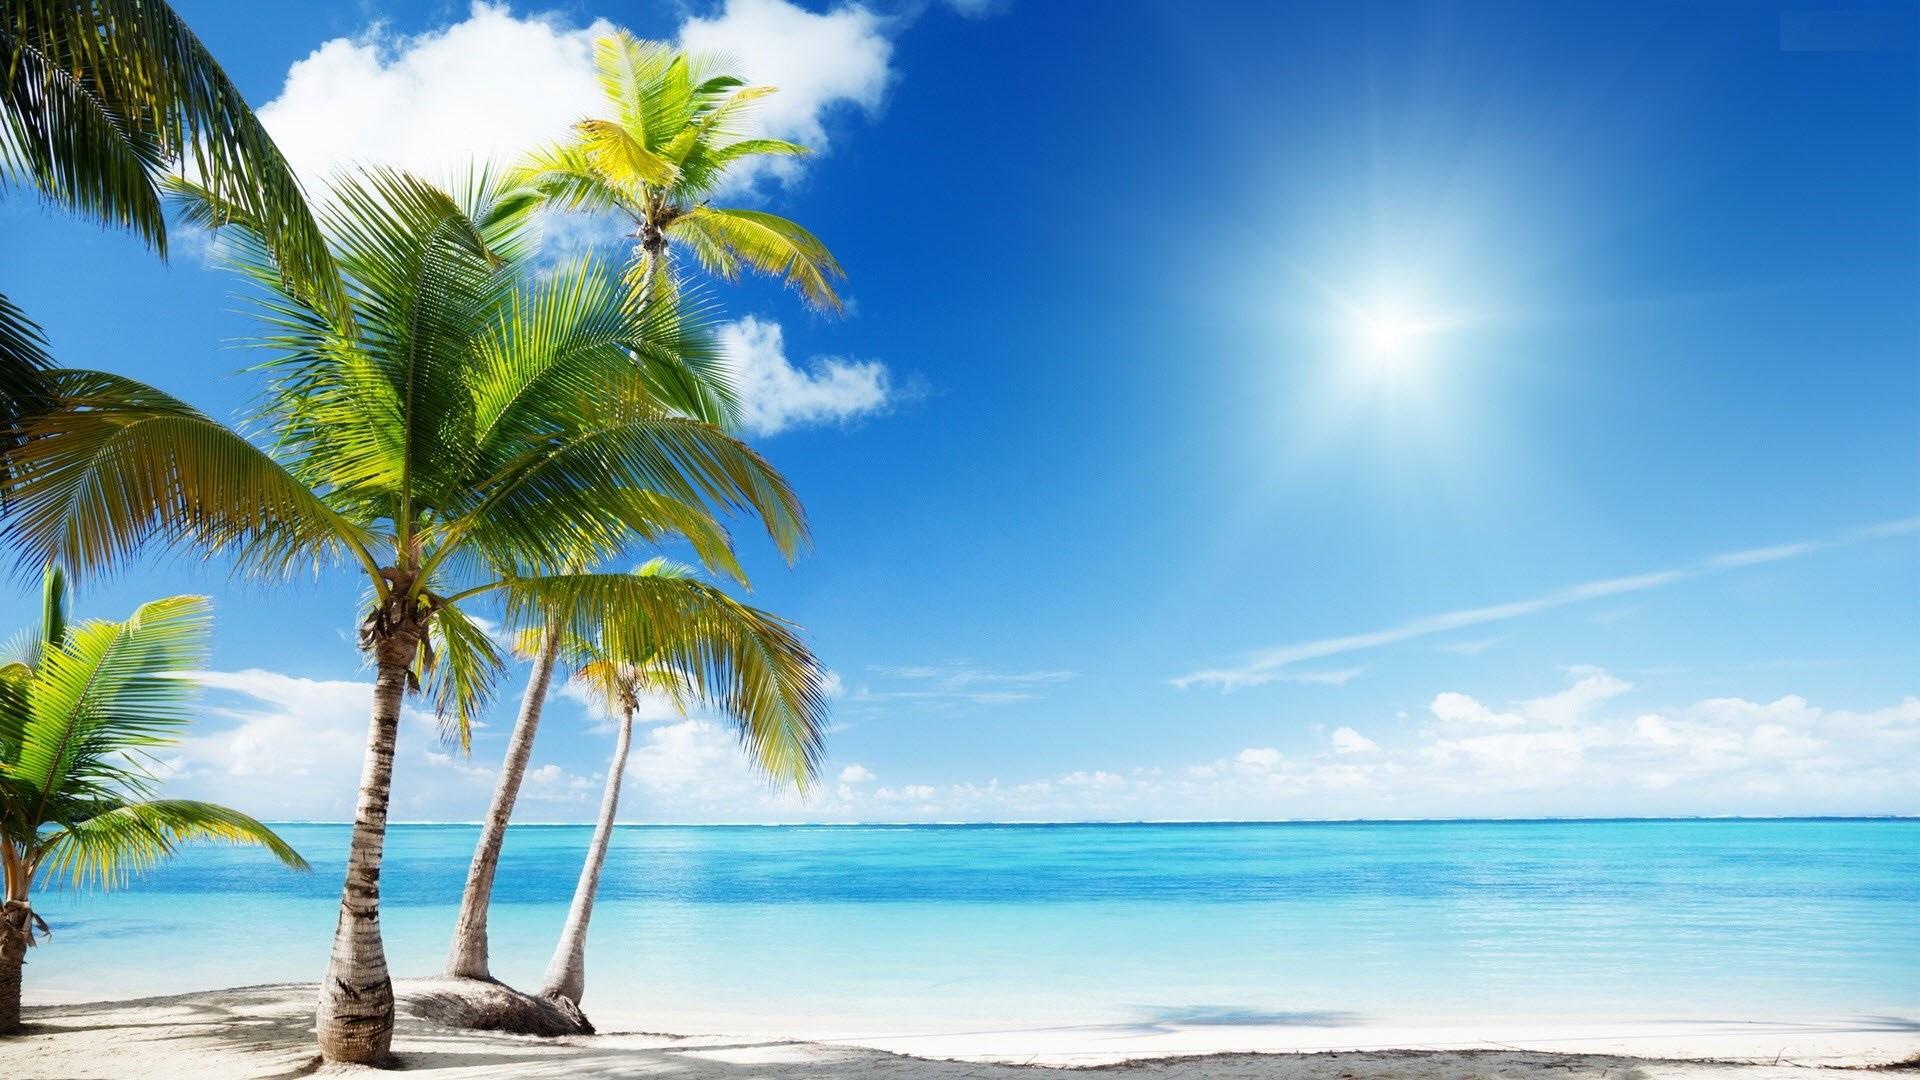 Sunny Tropical Beach Wallpaper Photos For Desktop 1920x1080